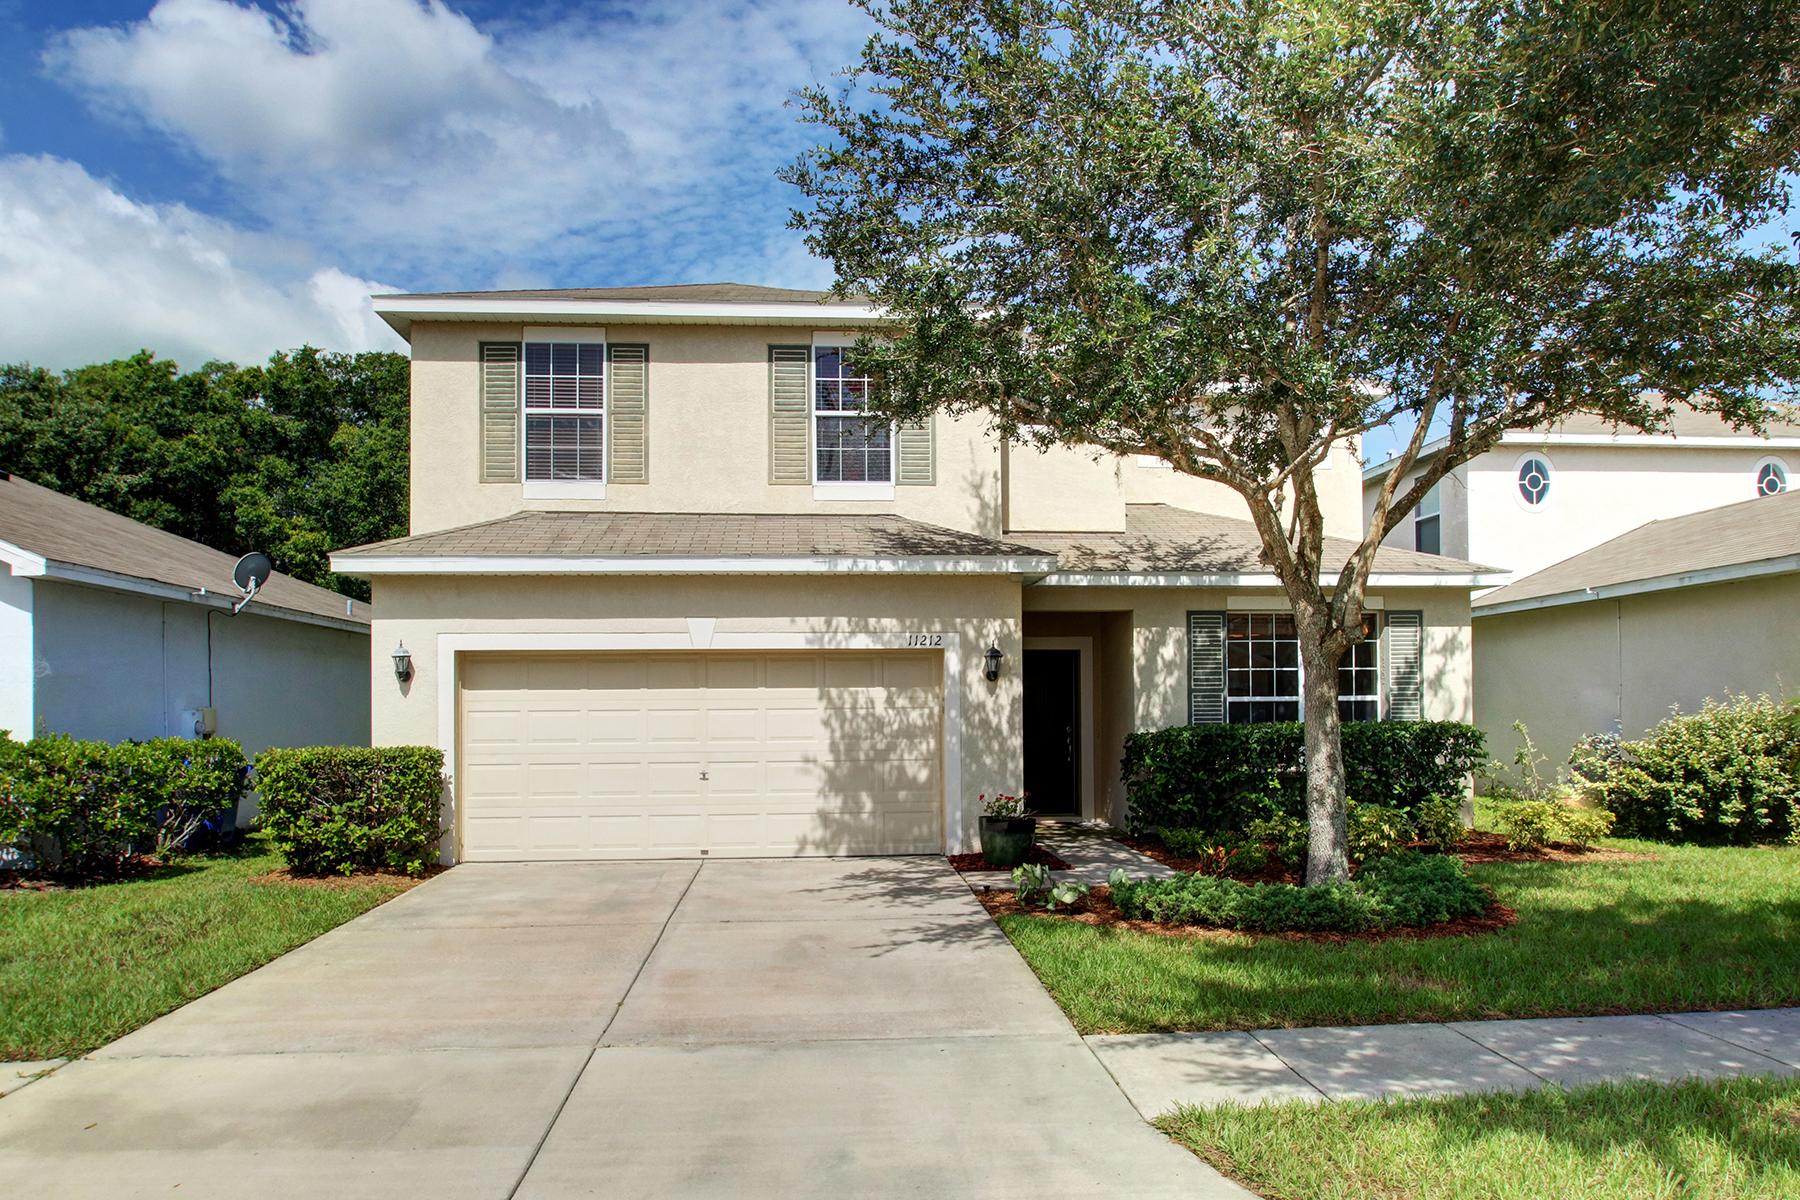 一戸建て のために 売買 アット TAMPA 11212 Madison Park Dr Tampa, フロリダ 33625 アメリカ合衆国